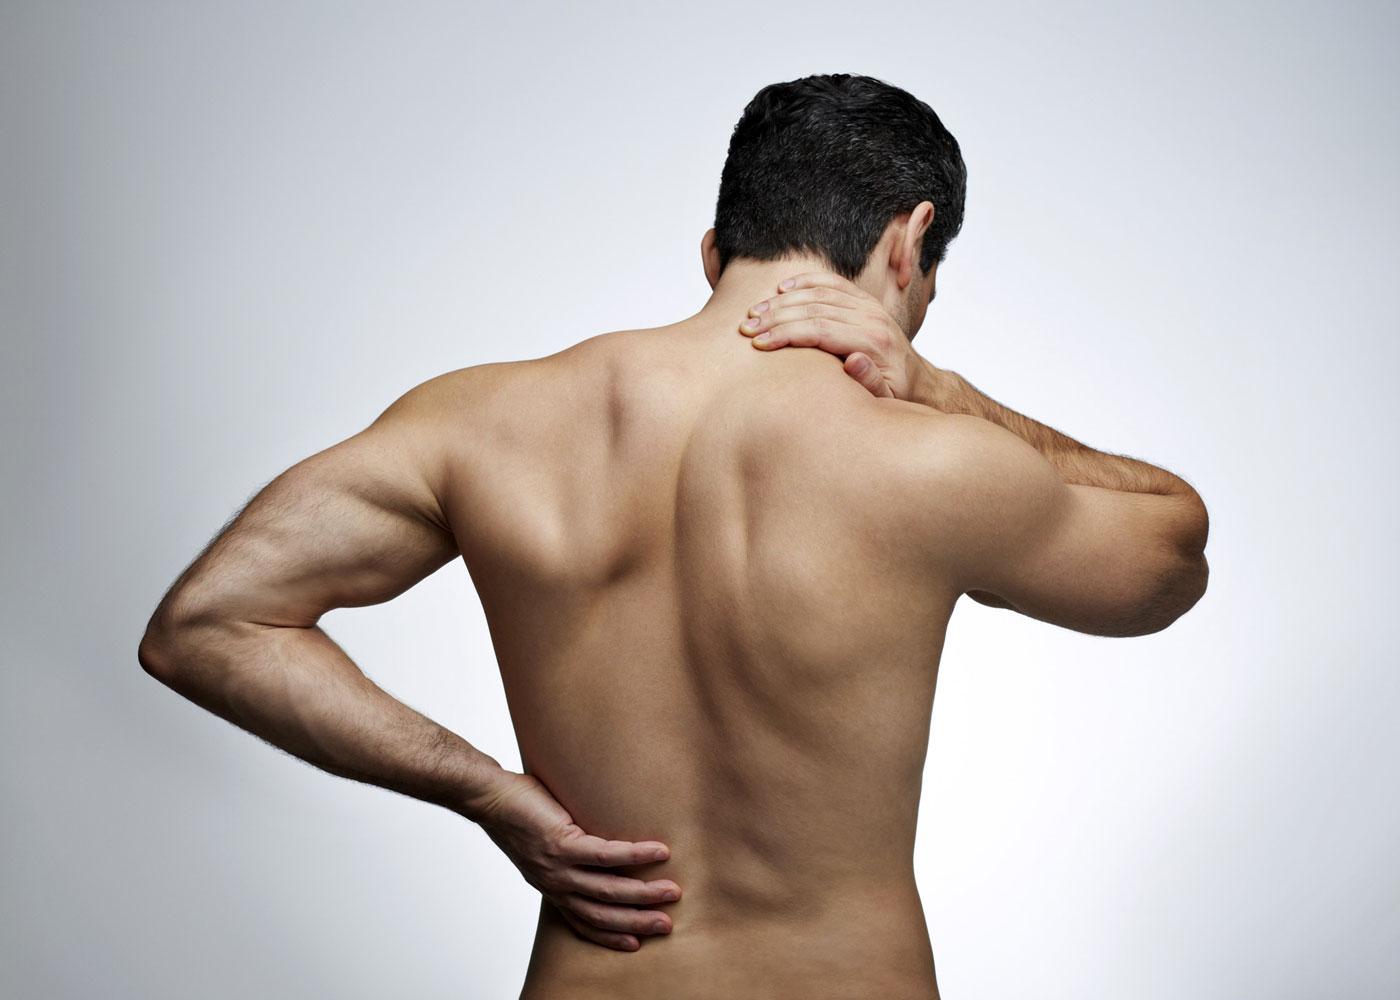 Хроническое заболевание позвоночника, остеохондроз